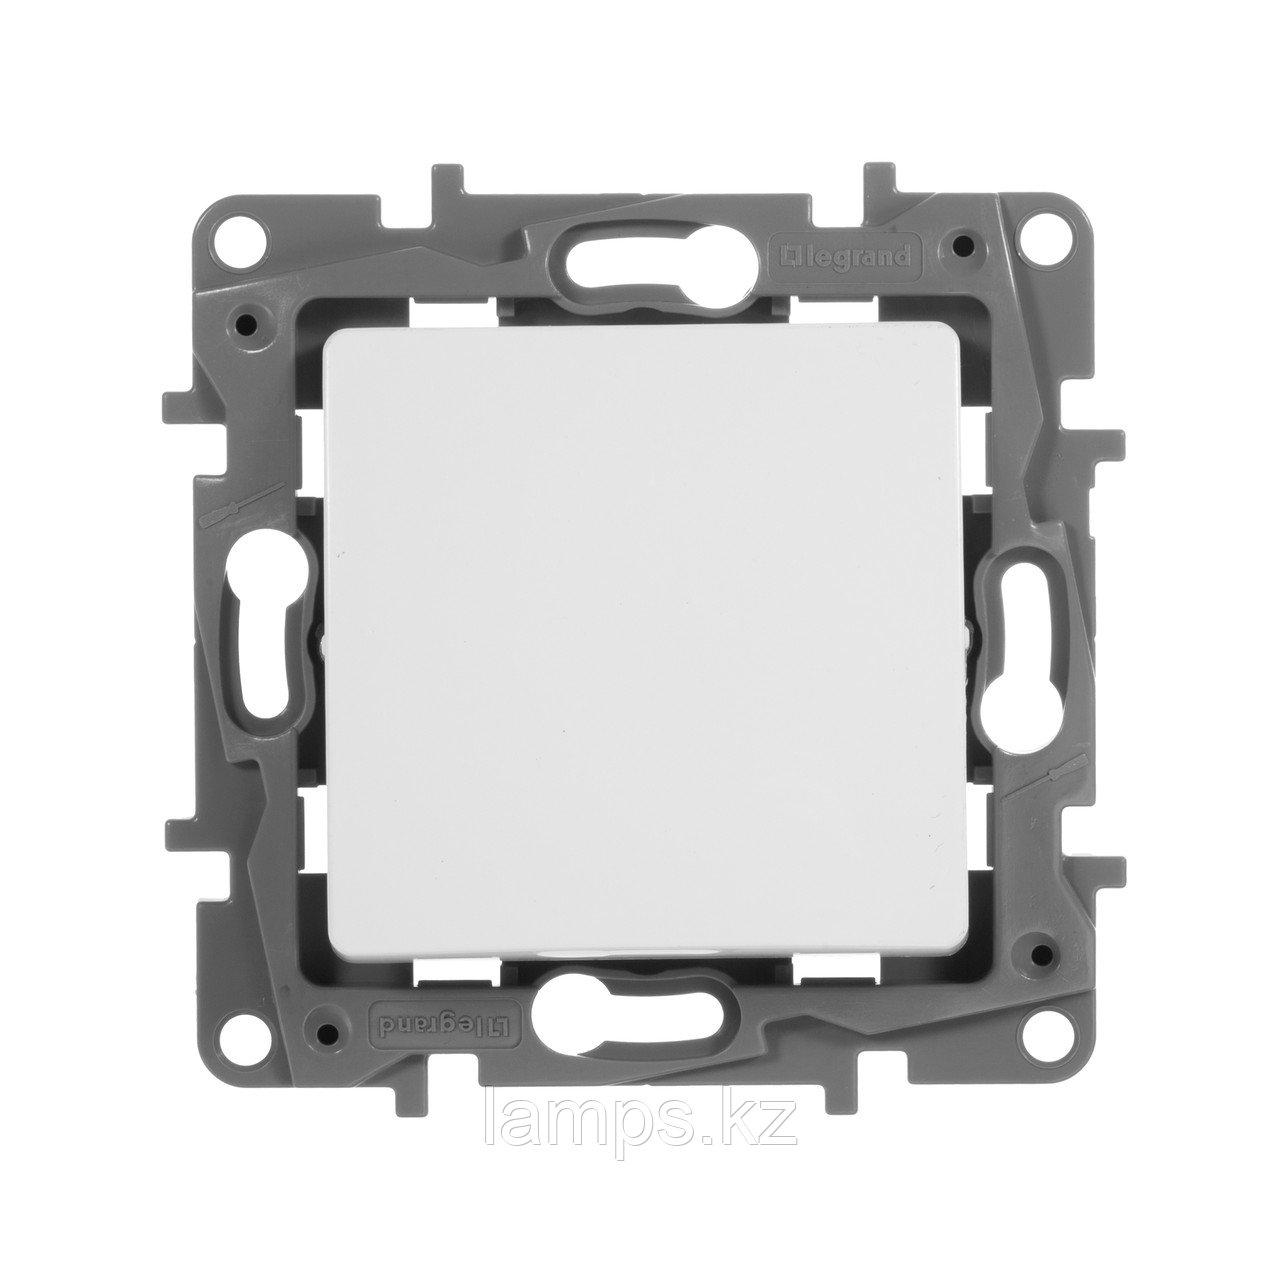 Переключатель одноклавишный - Etika - 10 A - 250 В~ - белый